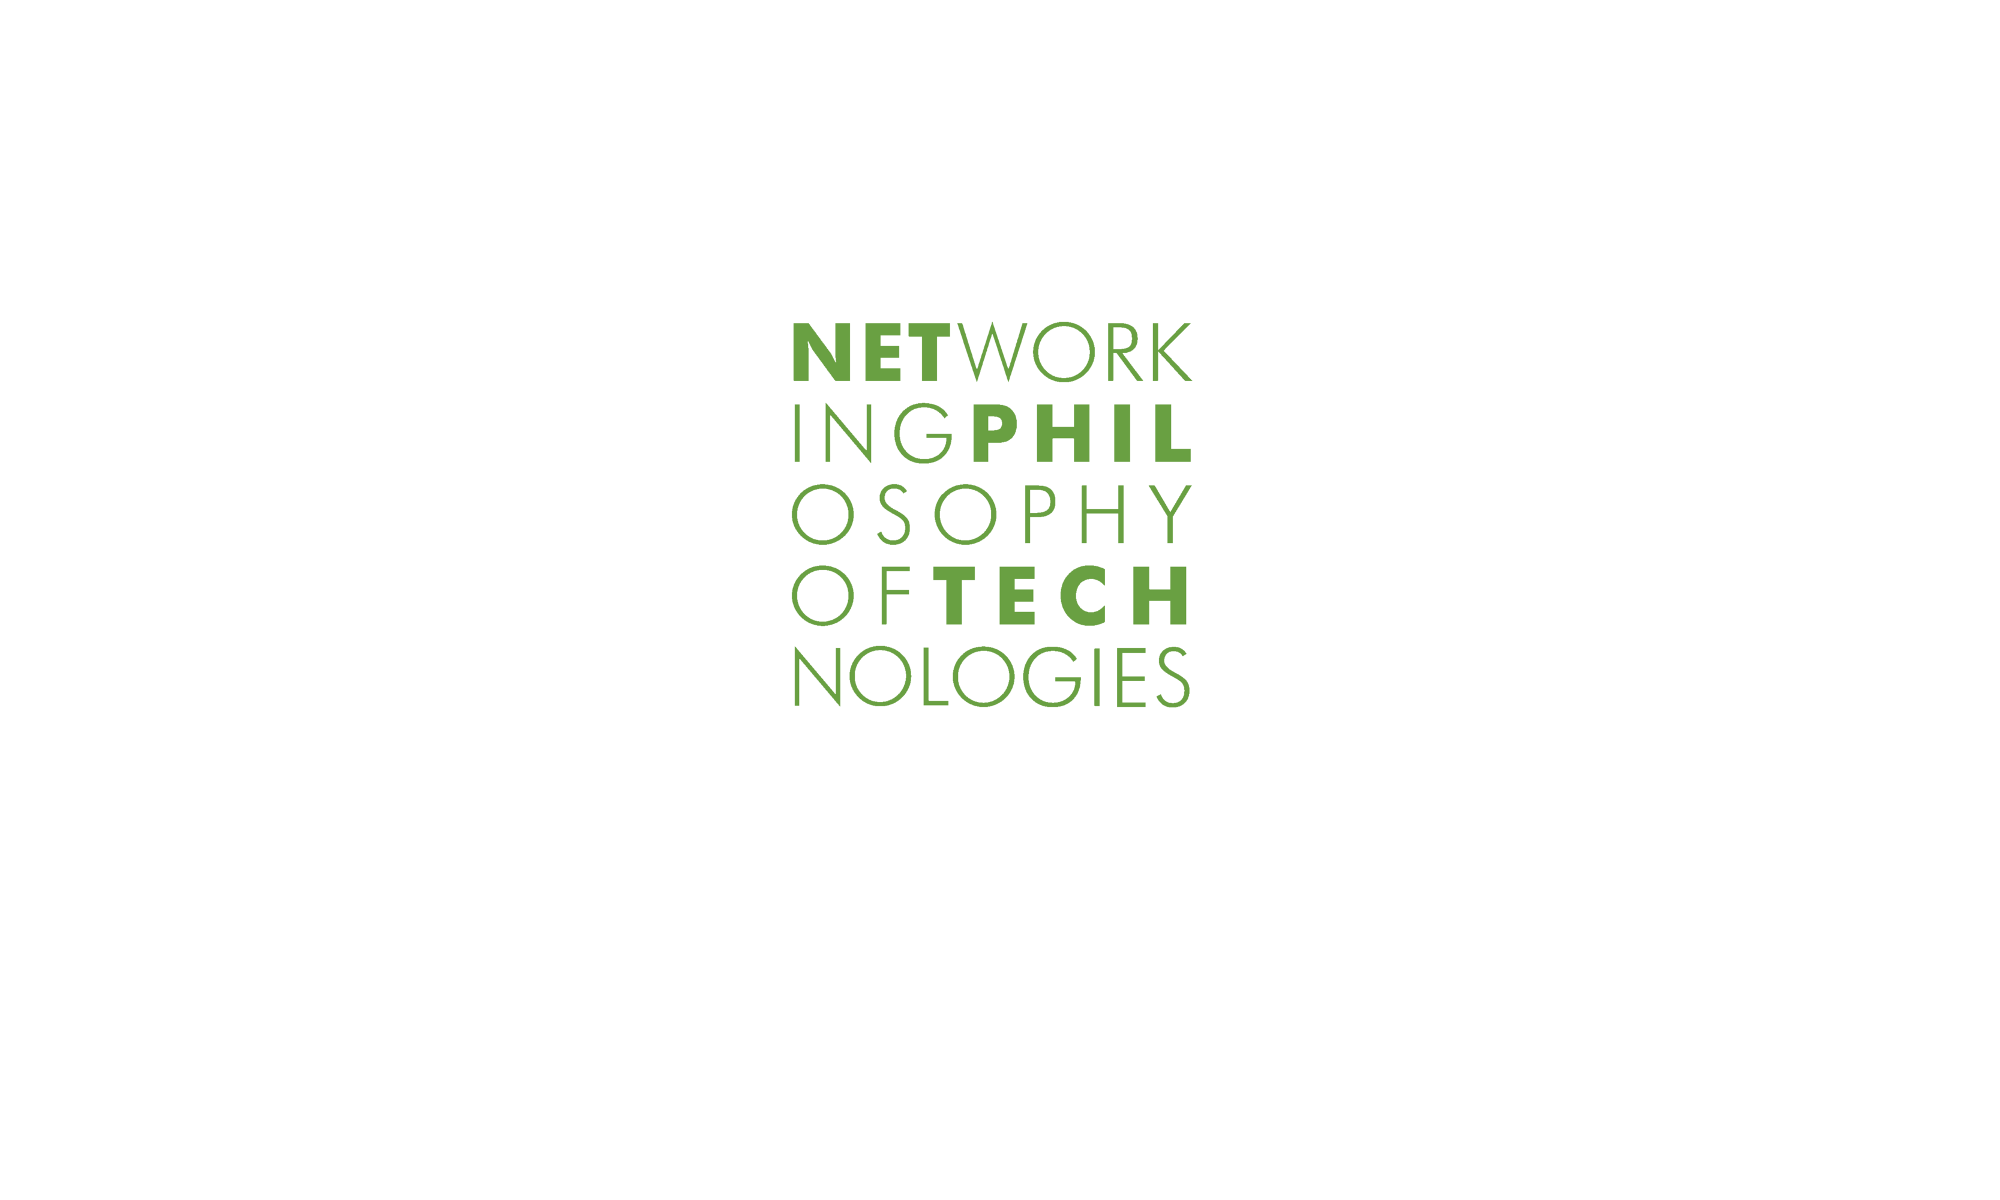 netphiltech.org